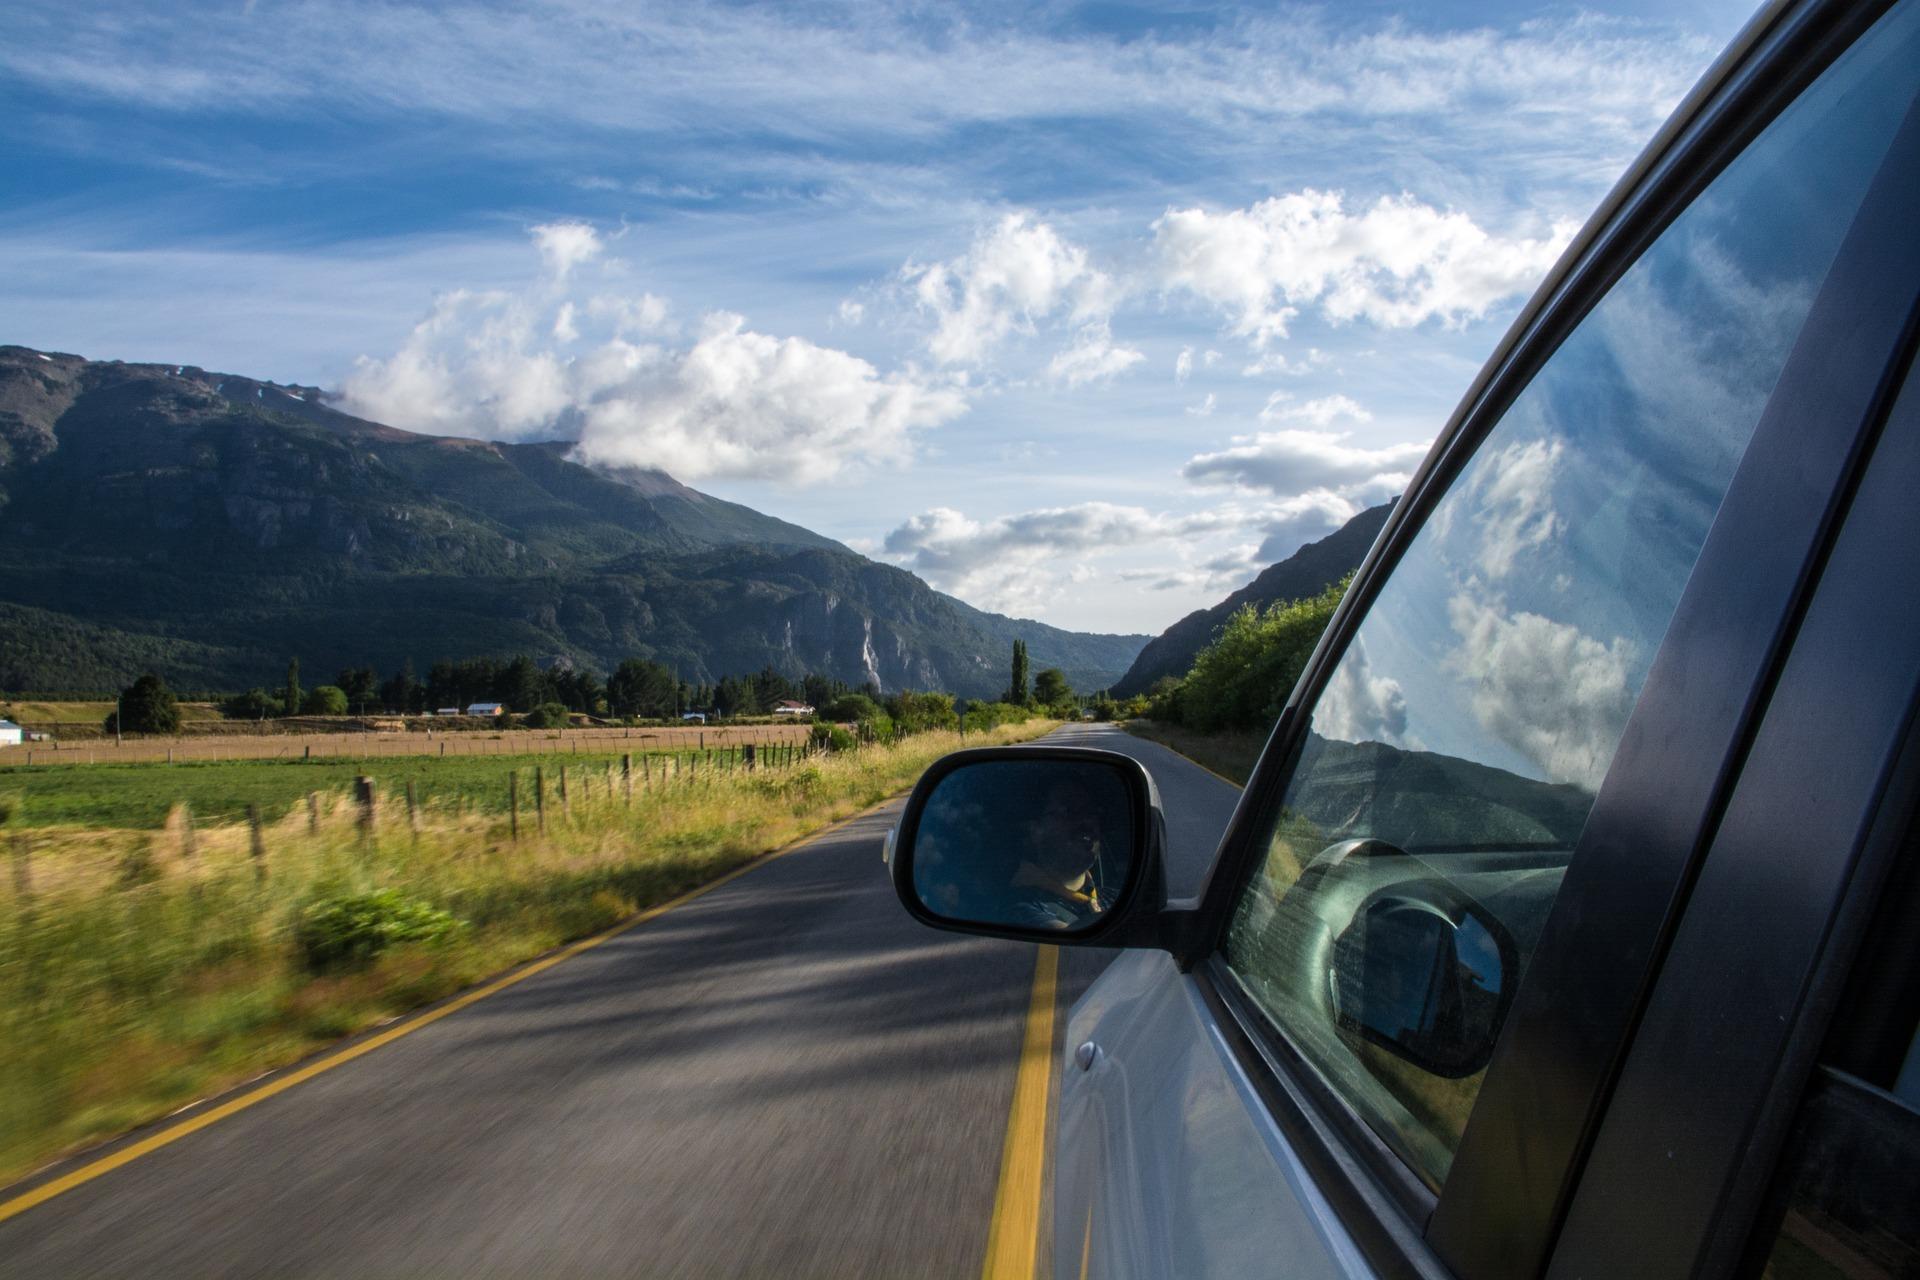 Mobilité : quels enjeux dans les Alpes françaises ?